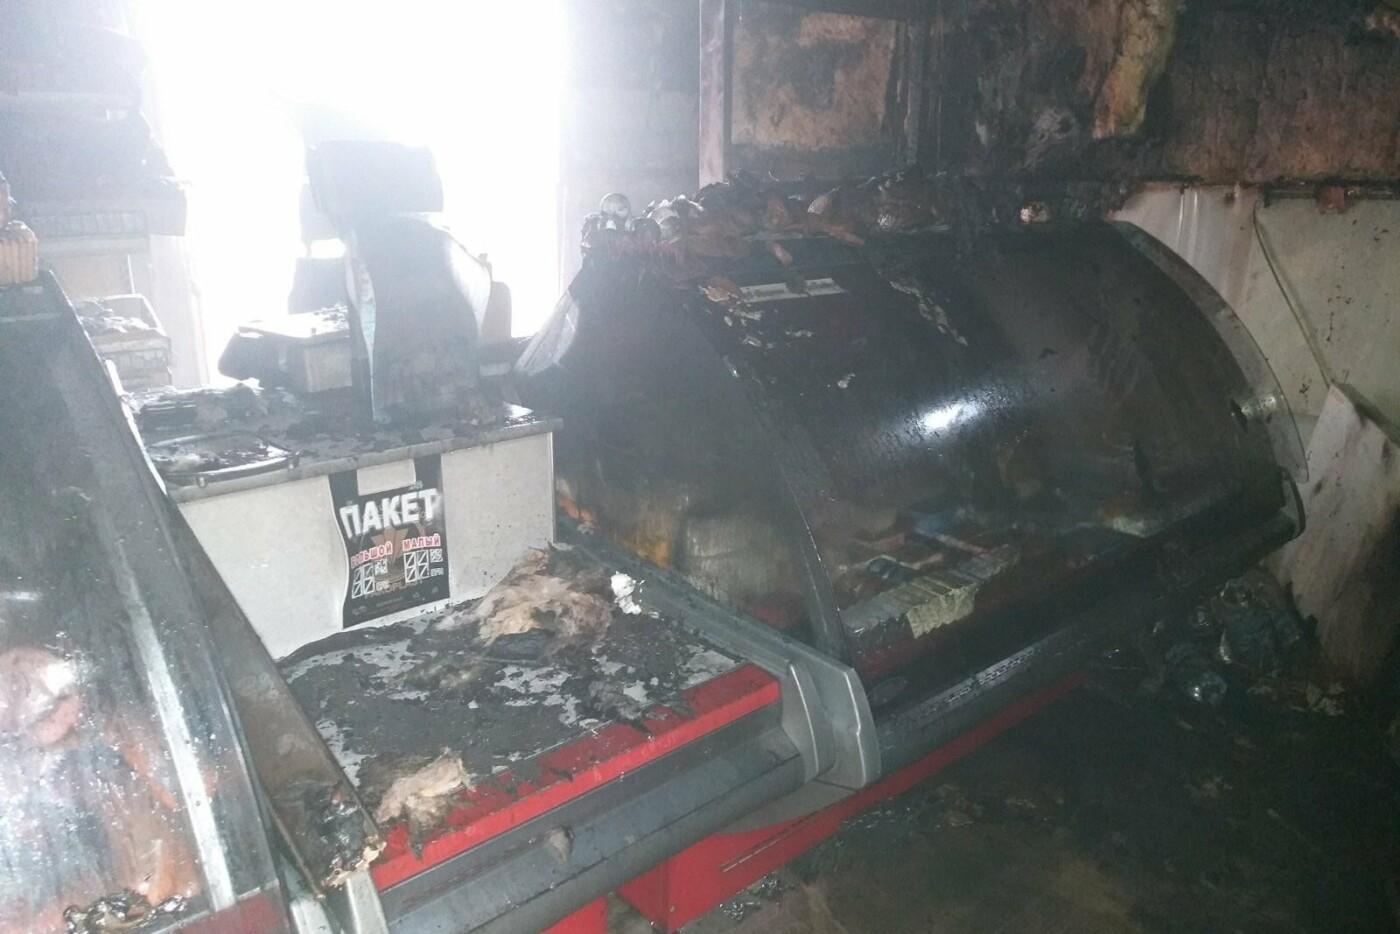 Загорелся из-за короткого замыкания электропроводки: в Харькове спасатели тушили пожар в продуктовом киоске, - ФОТО, фото-2